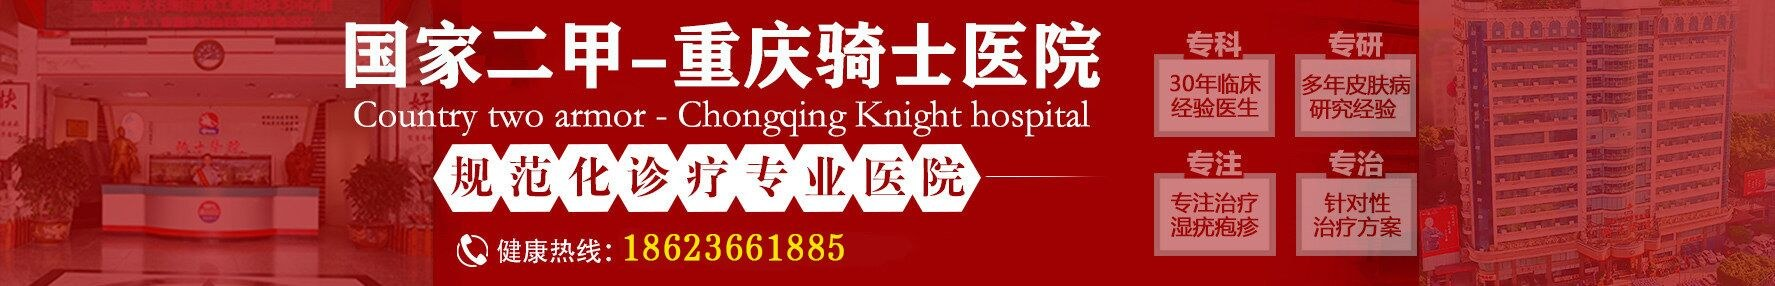 重庆治疗性病医院